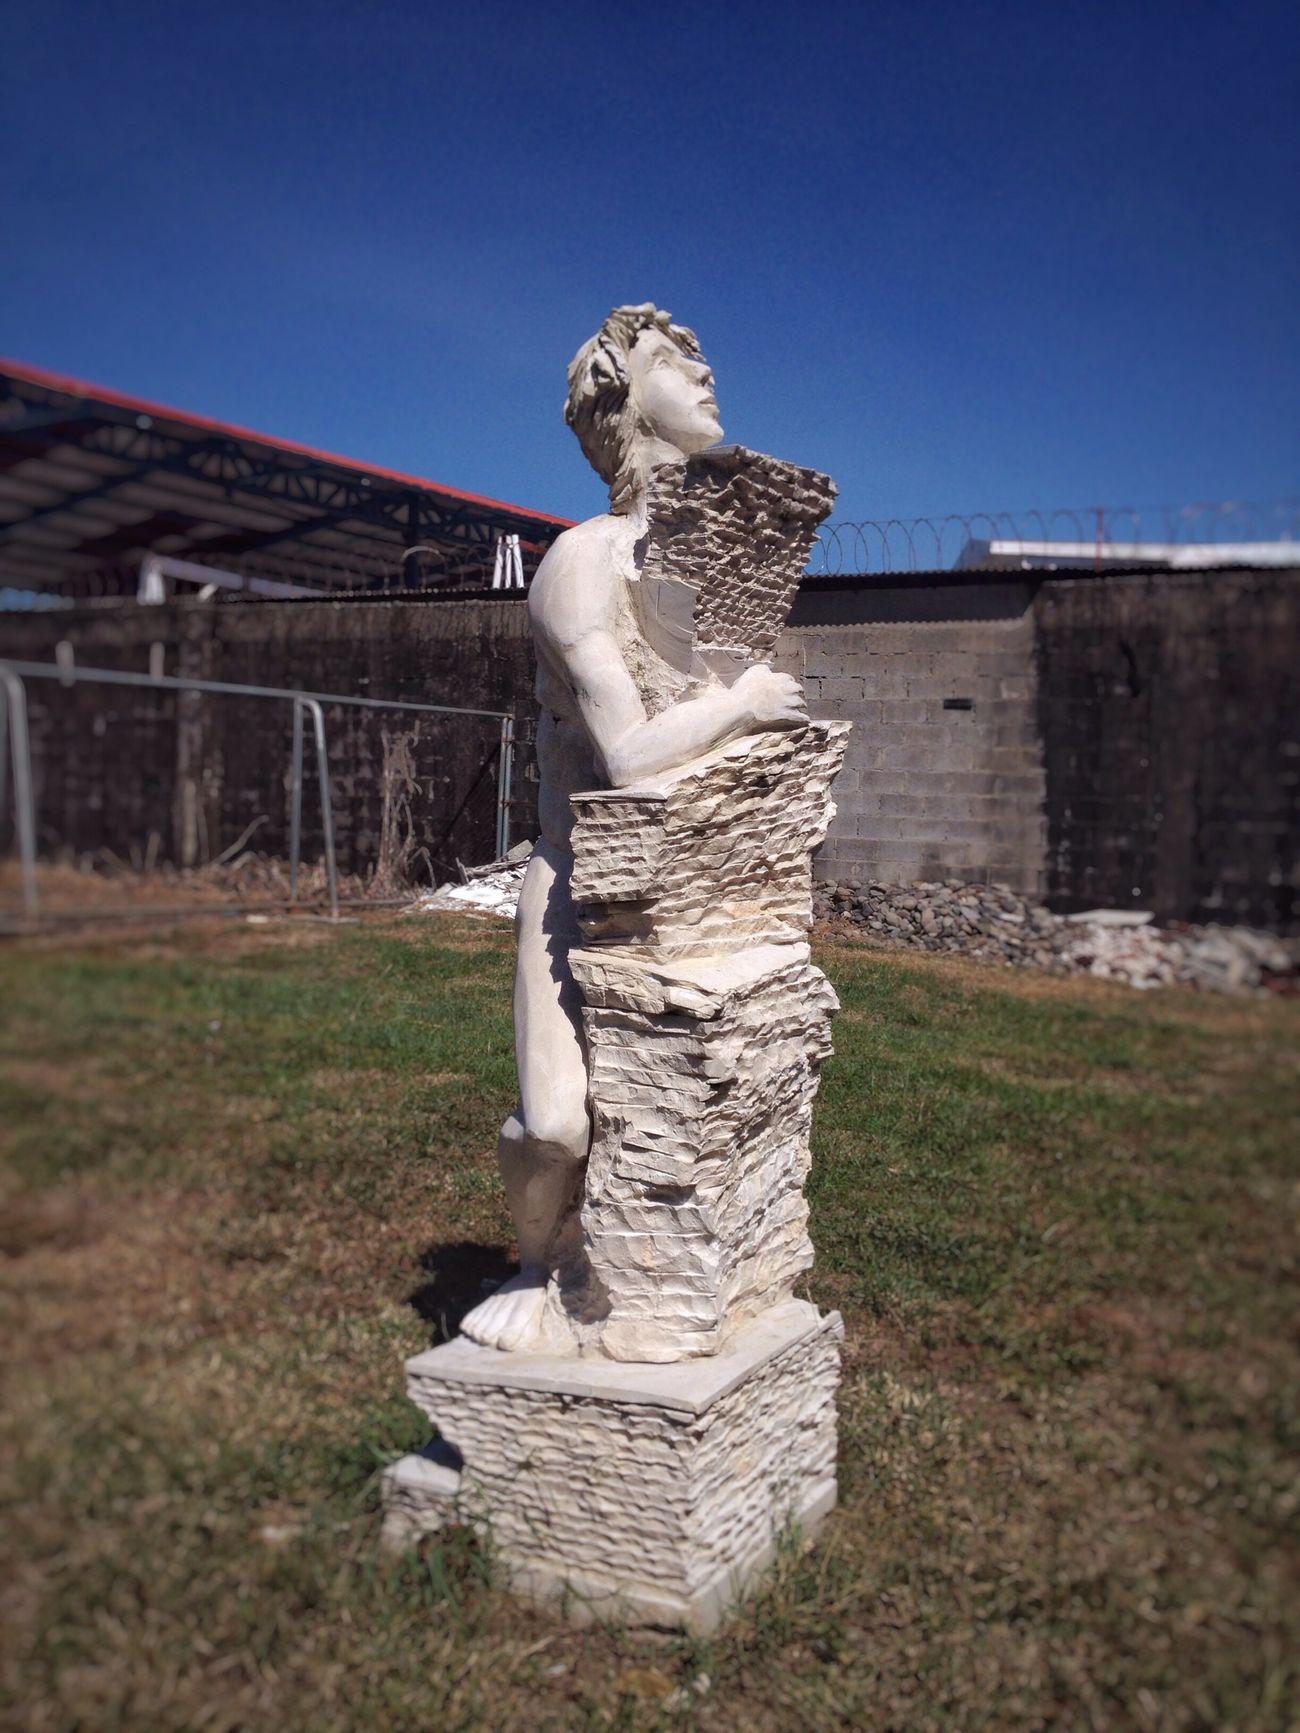 Escultura Verano Plano General Arte Paisaje